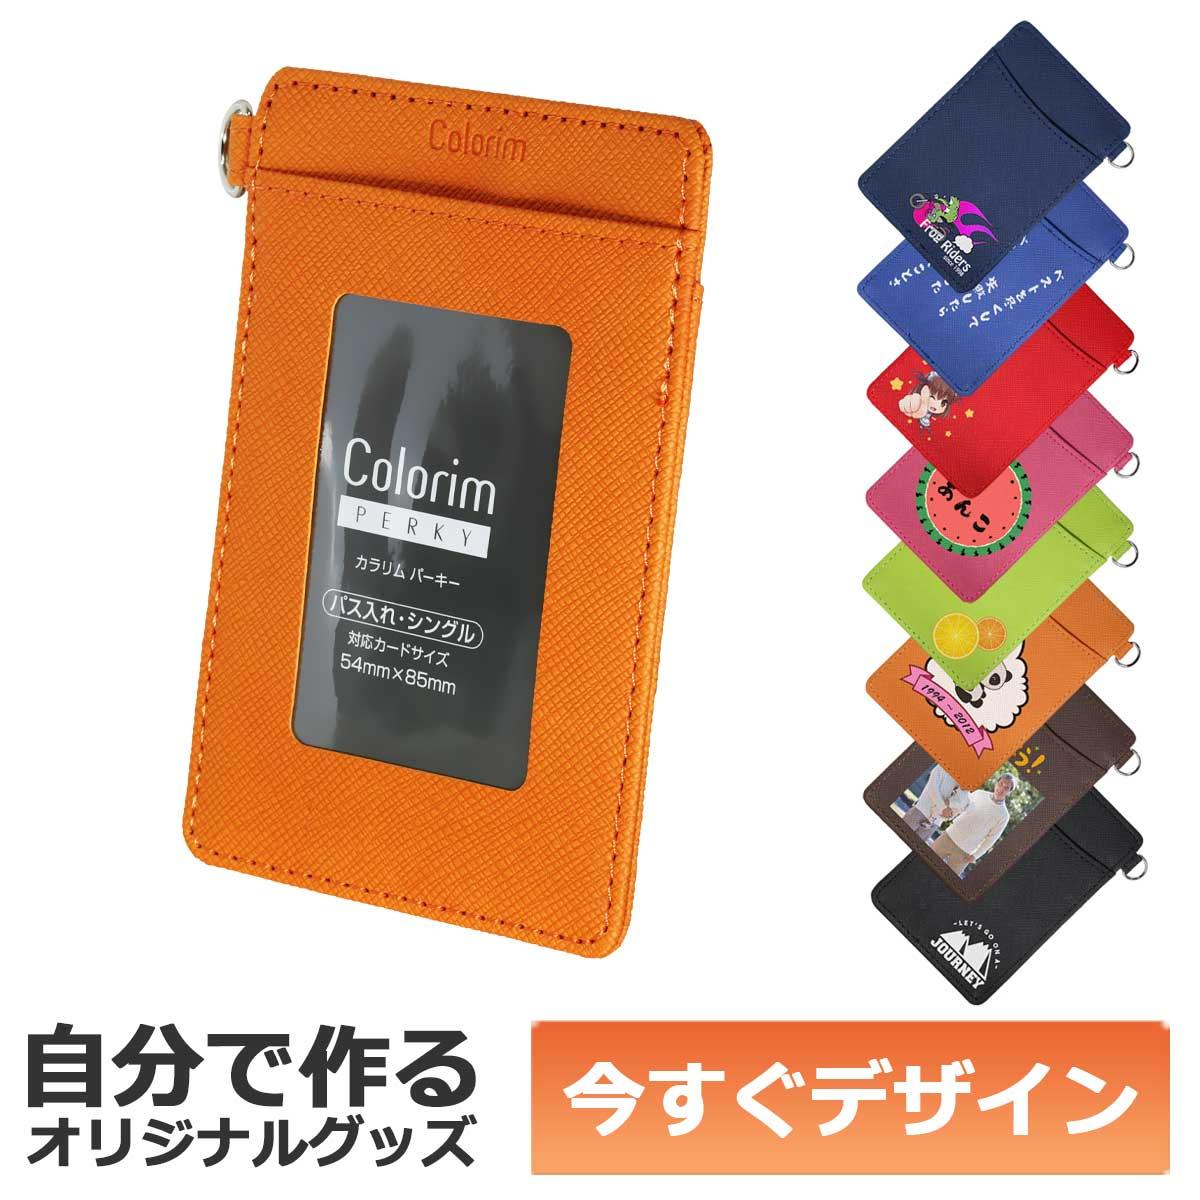 秀逸 あす楽 市場 名入れ 筆入れ ラッピング無料 ペンケース ギフト 即納可能 1冊から作れる 自分でデザイン メール便可 オリジナル Colorim カードポケット パスケース シングル オレンジ カラリム CRPP-02S-O